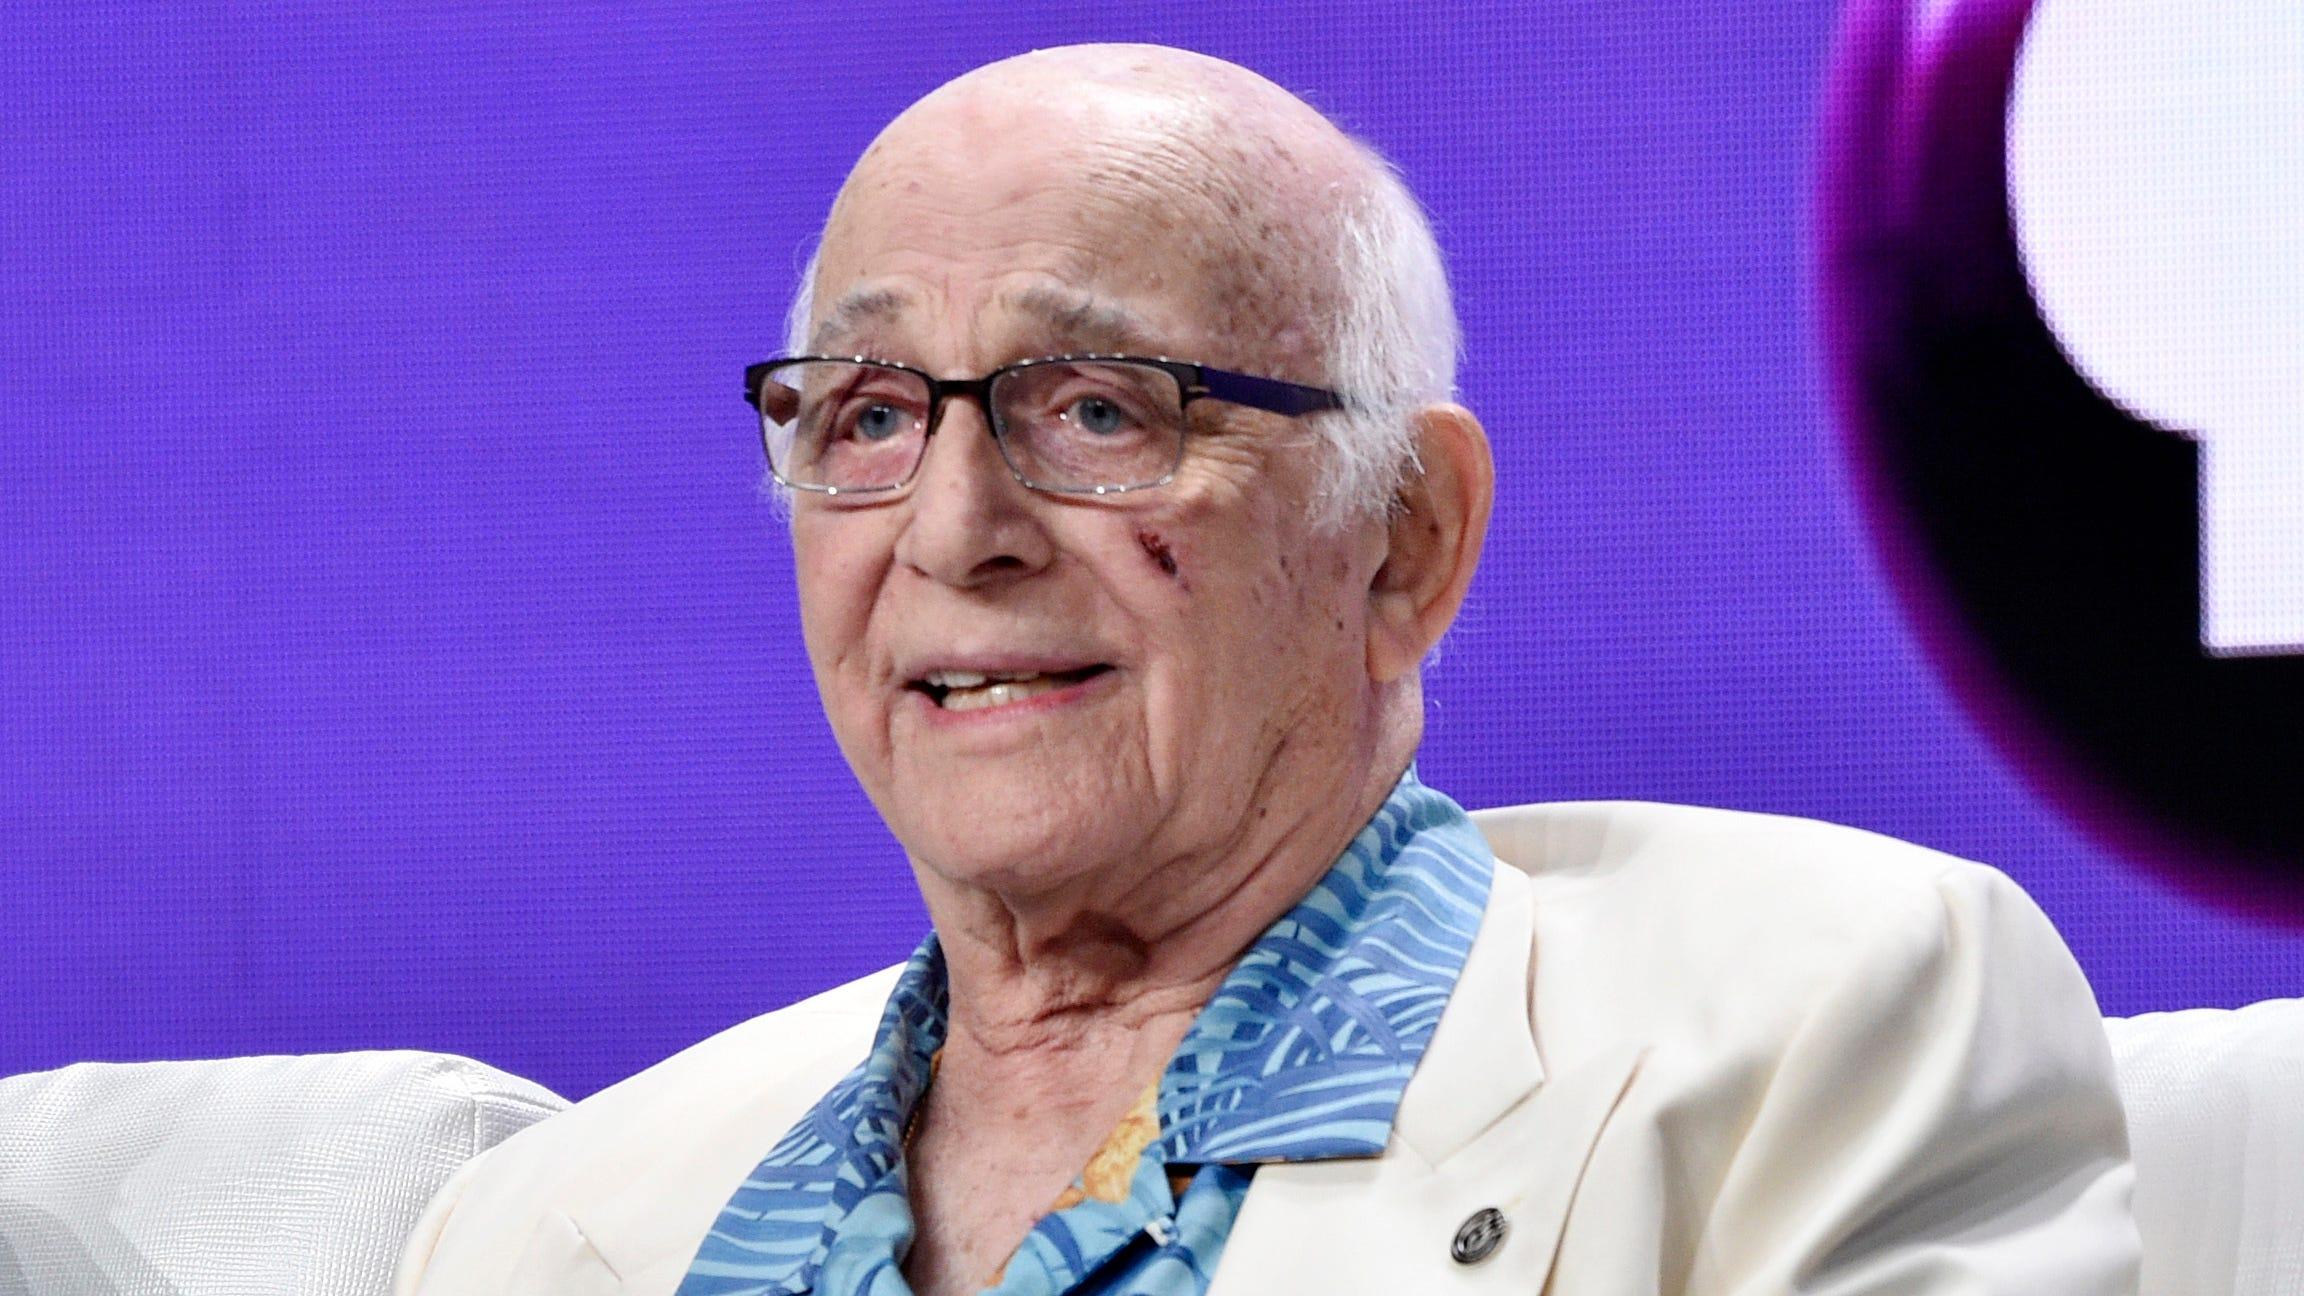 70s member the dies cast show Yahoo fait